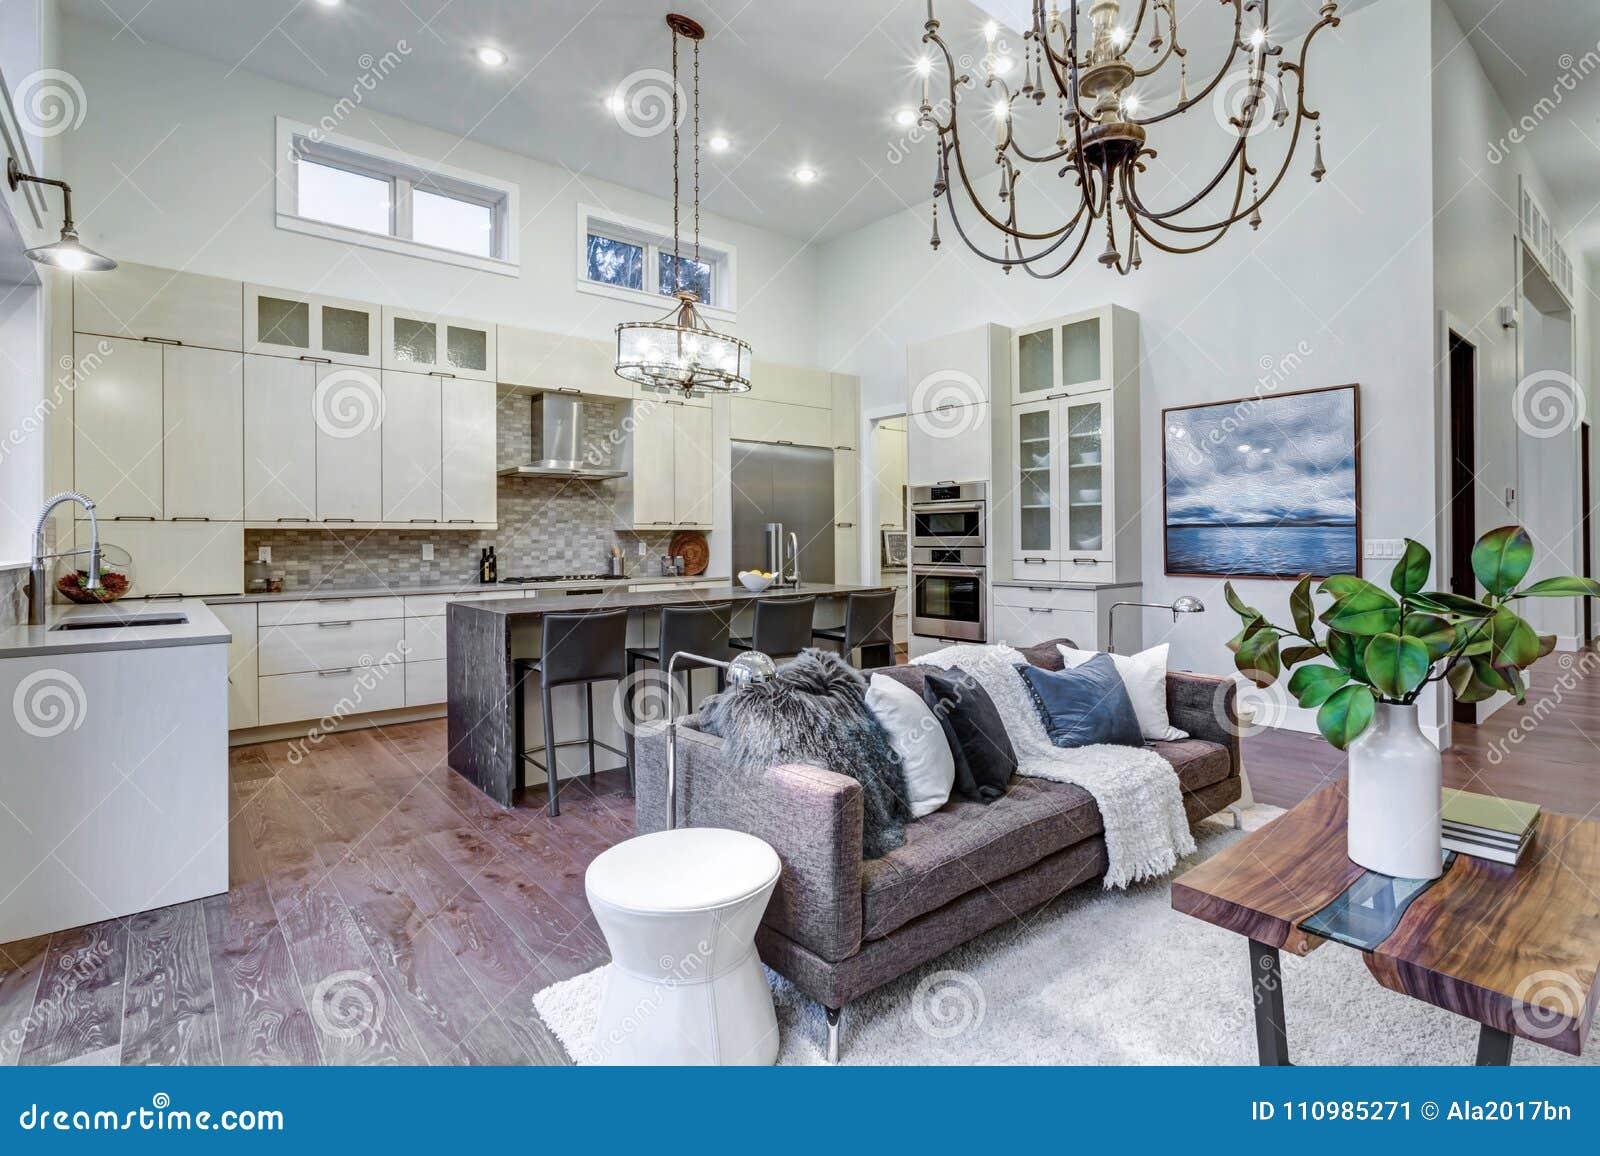 47 Beautiful Living Rooms (Interior Design Pictures ...